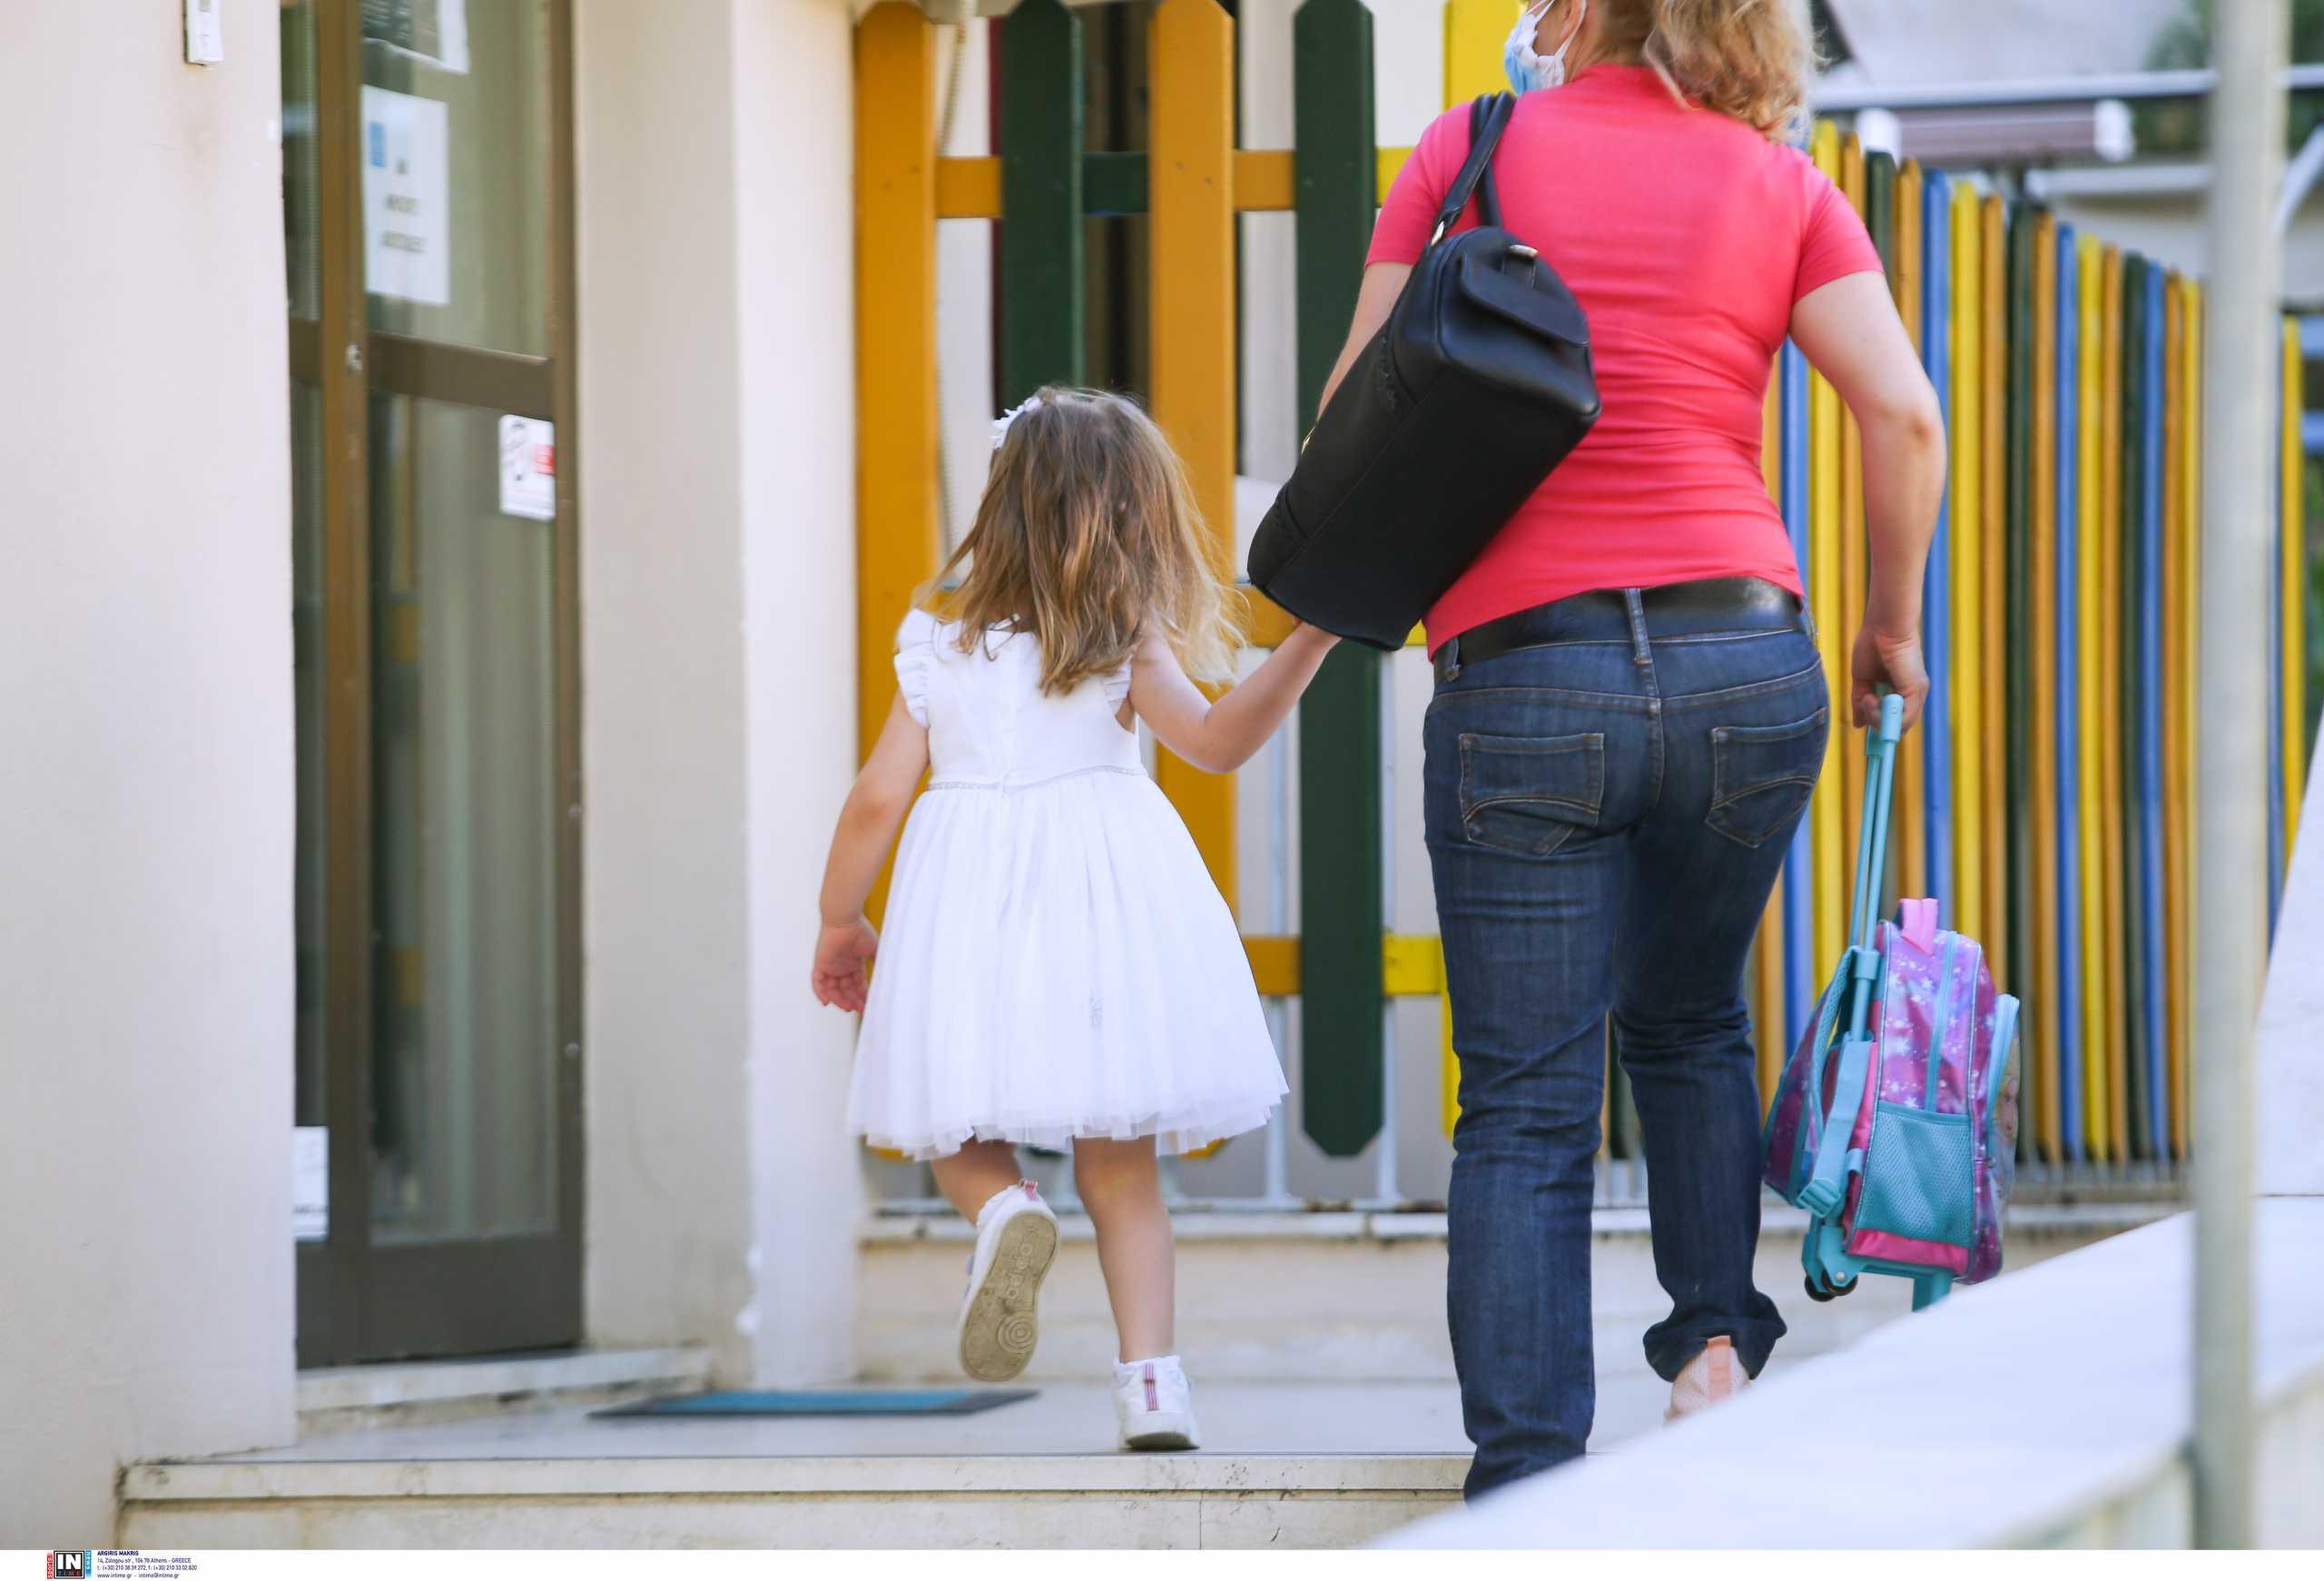 Άνοιξαν ξανά βρεφονηπιακοί και παιδικοί σταθμοί – Γκρίνια για τα self test